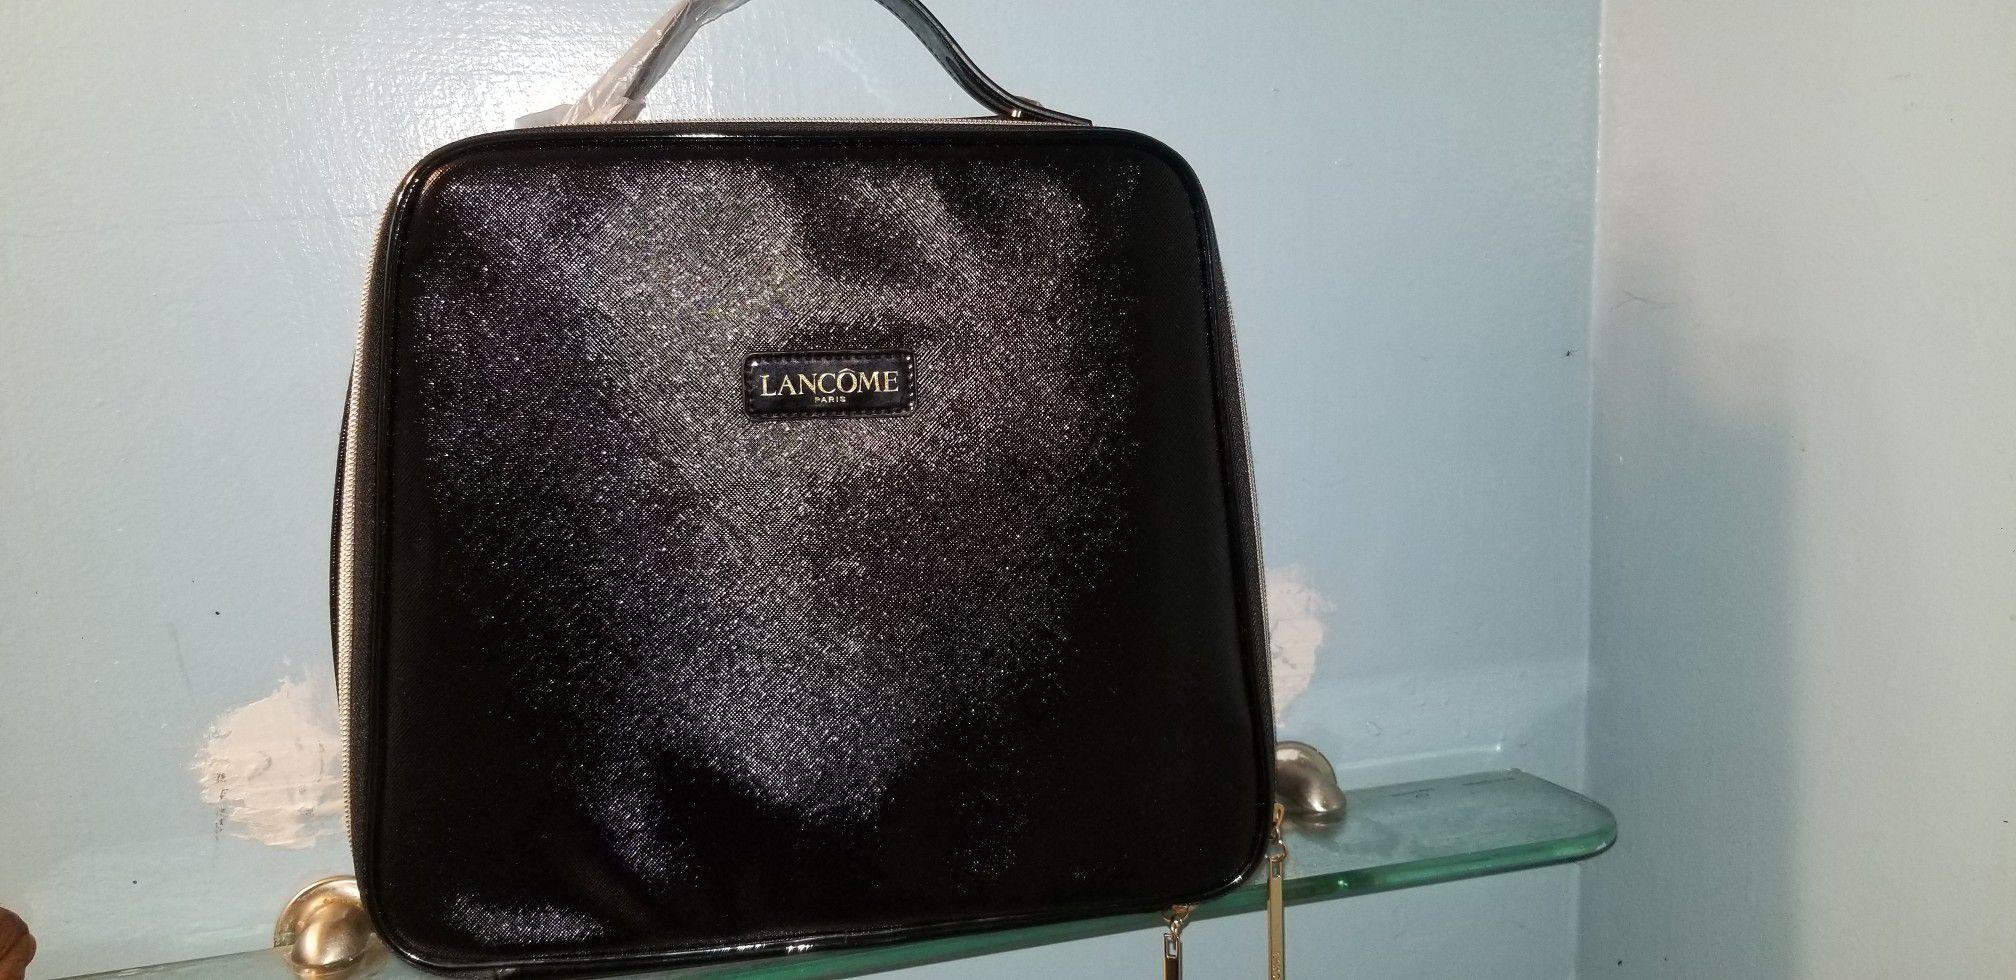 Lacome paris bag